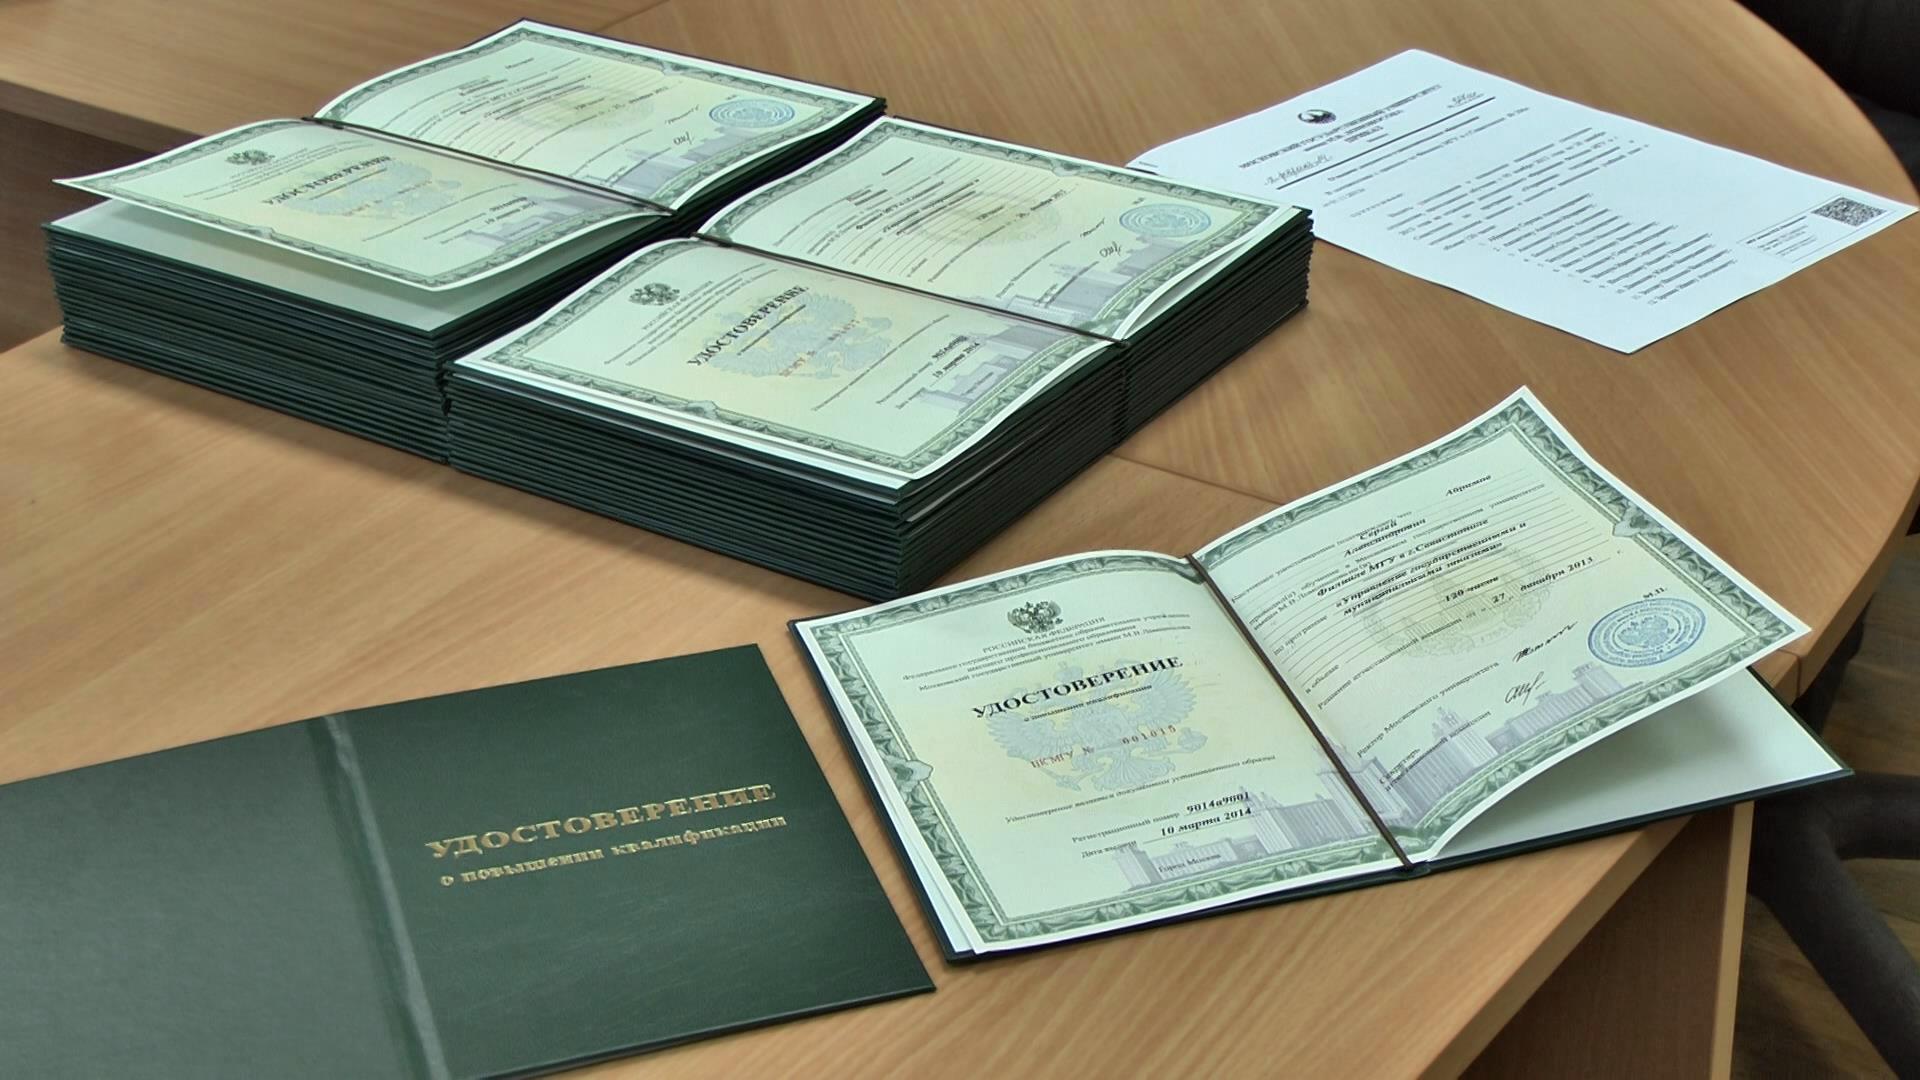 Вручение дипломов на отделении дополнительного образования  image0014